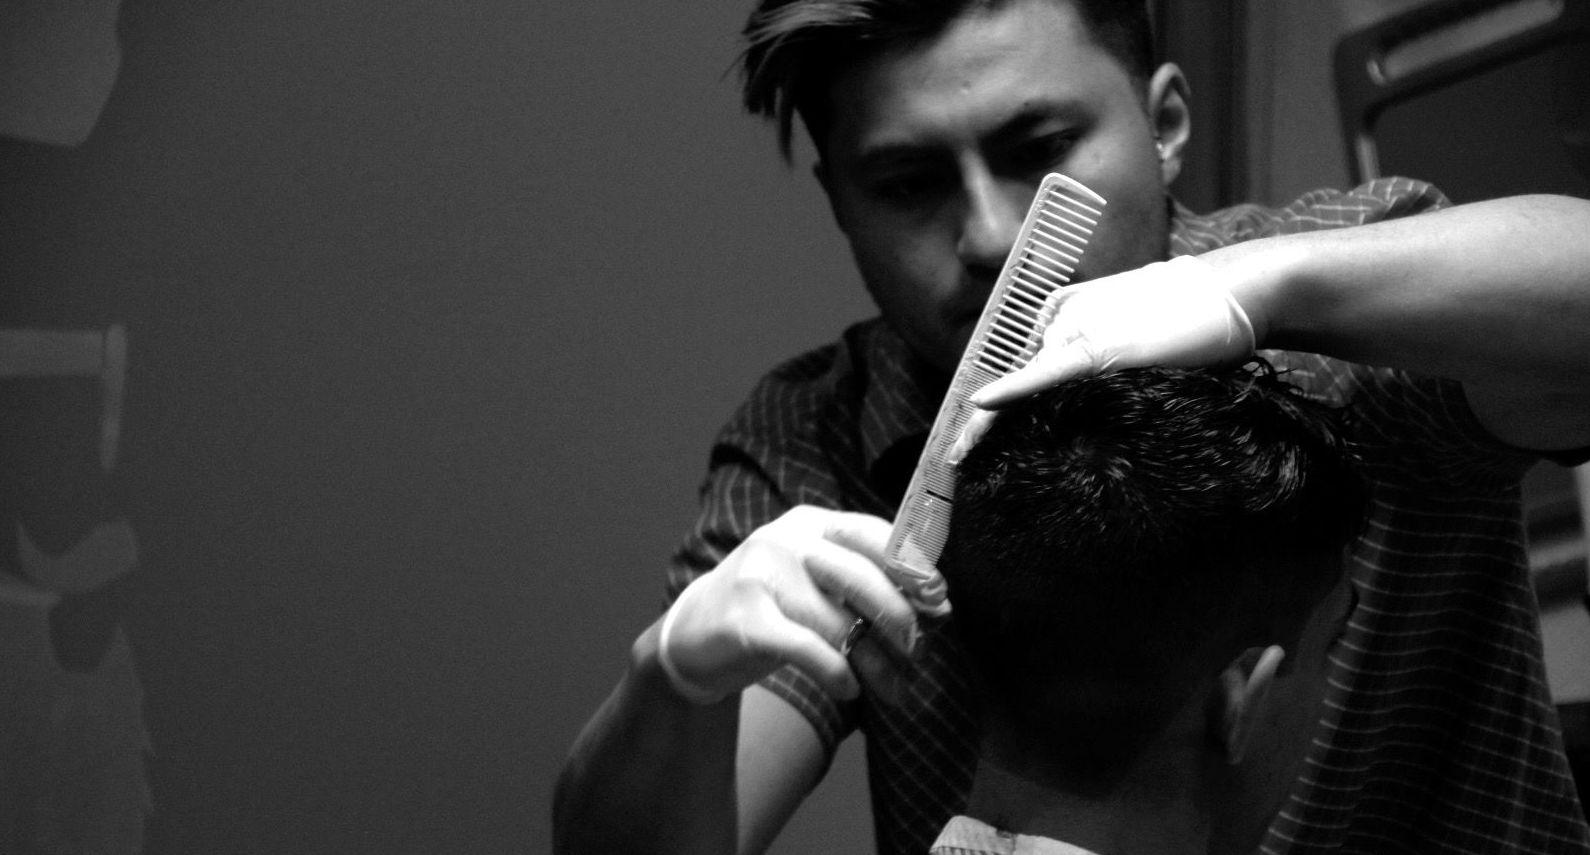 Foto 12 de Peluquería de hombre en Segovia | Scrawler Barber Shop